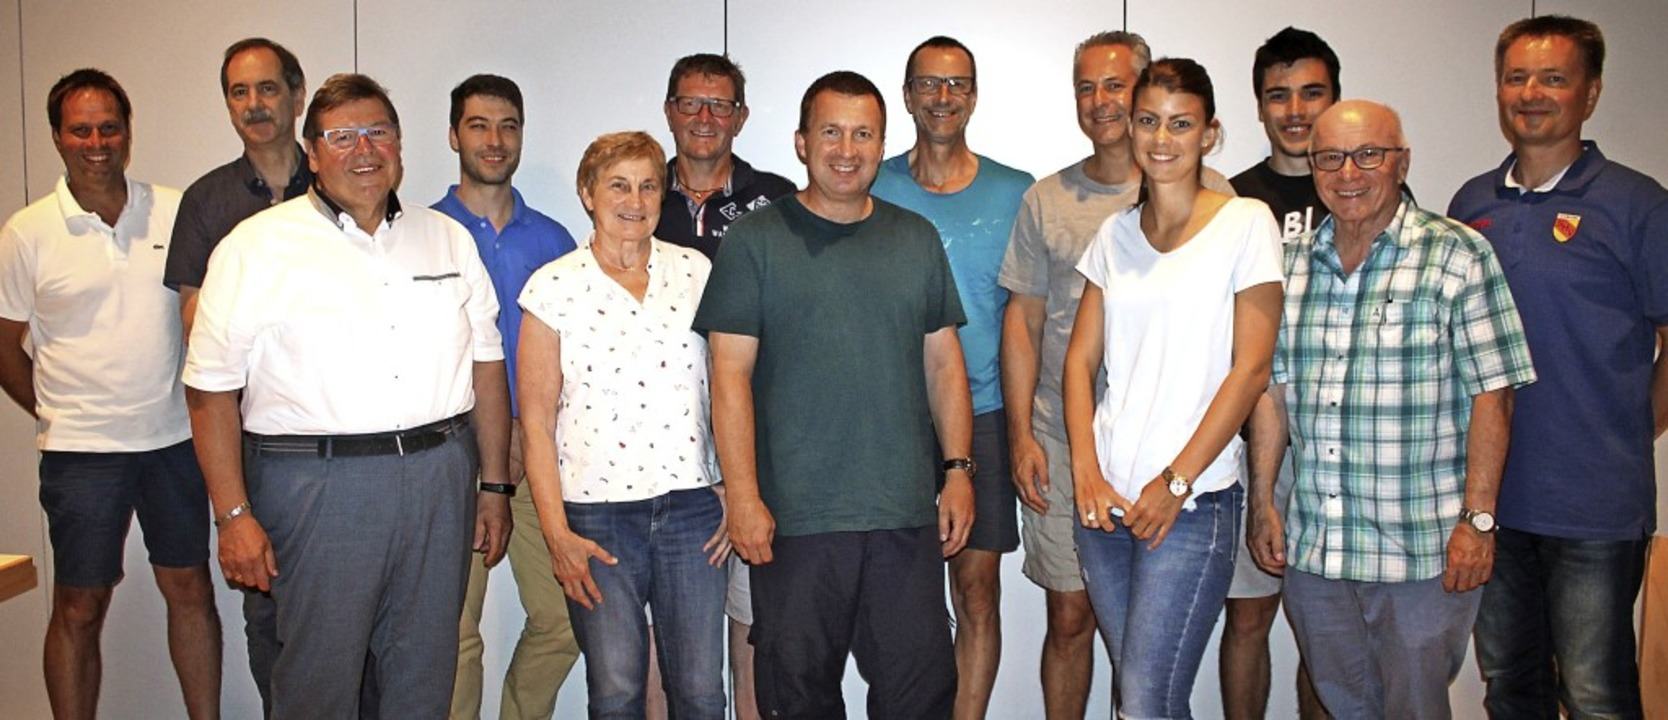 Der neue Bezirksfachausschuss des Handballbezirks Offenburg/Schwarzwald.  | Foto: Willi Intraschak